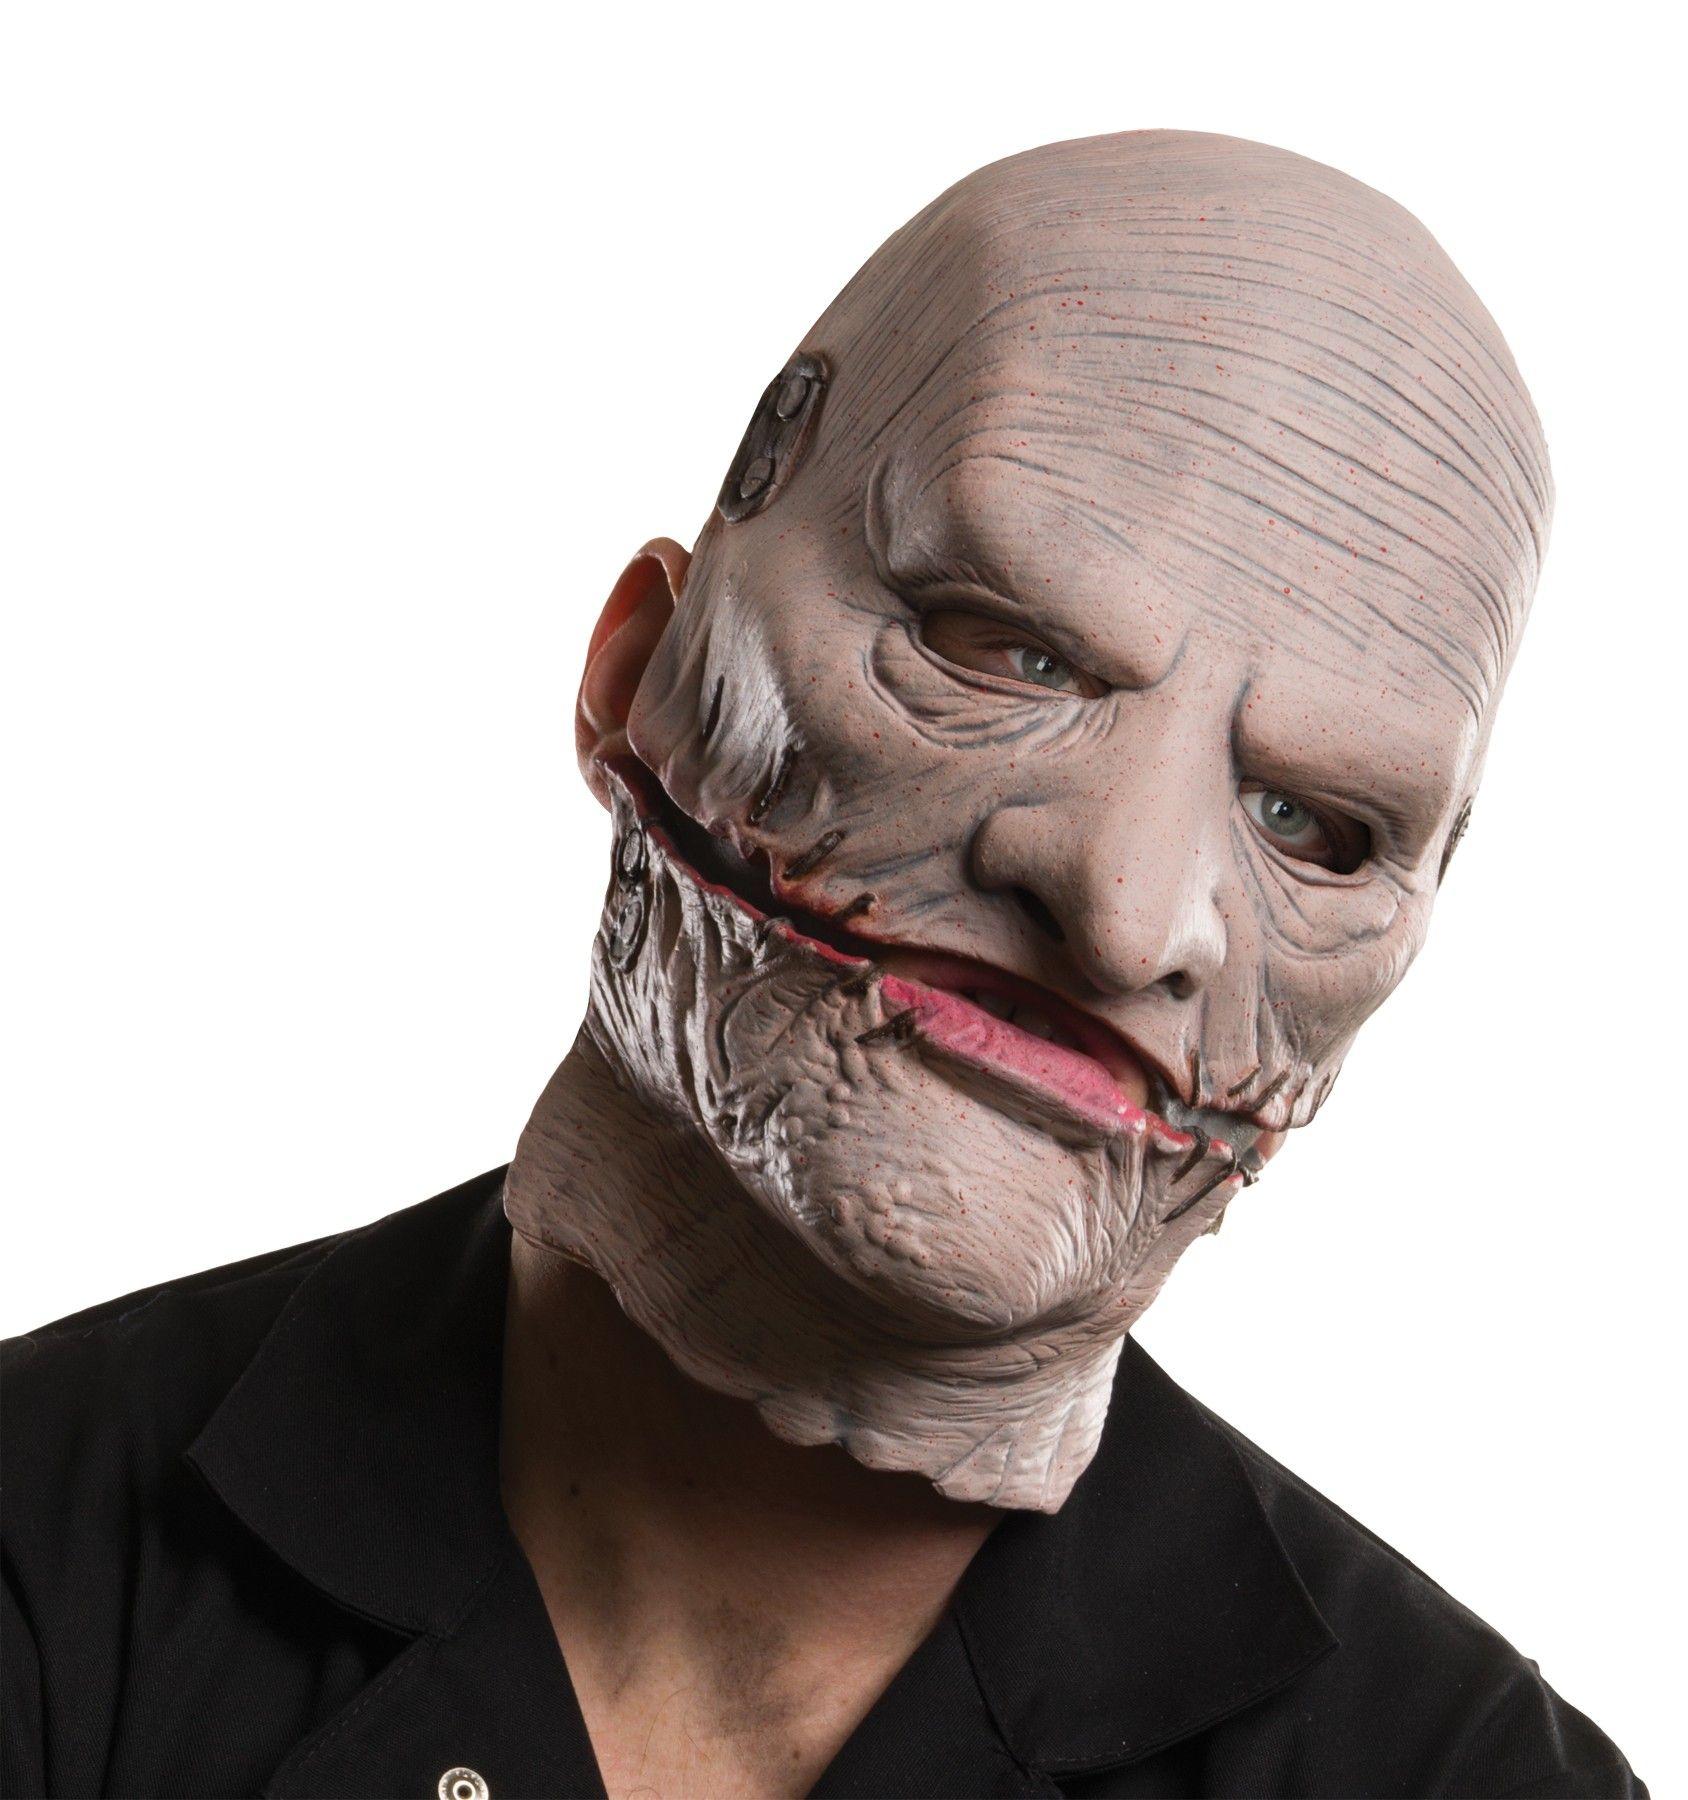 Slipknot Corey Mask Adult   Slipknot Costumes   Pinterest   Slipknot